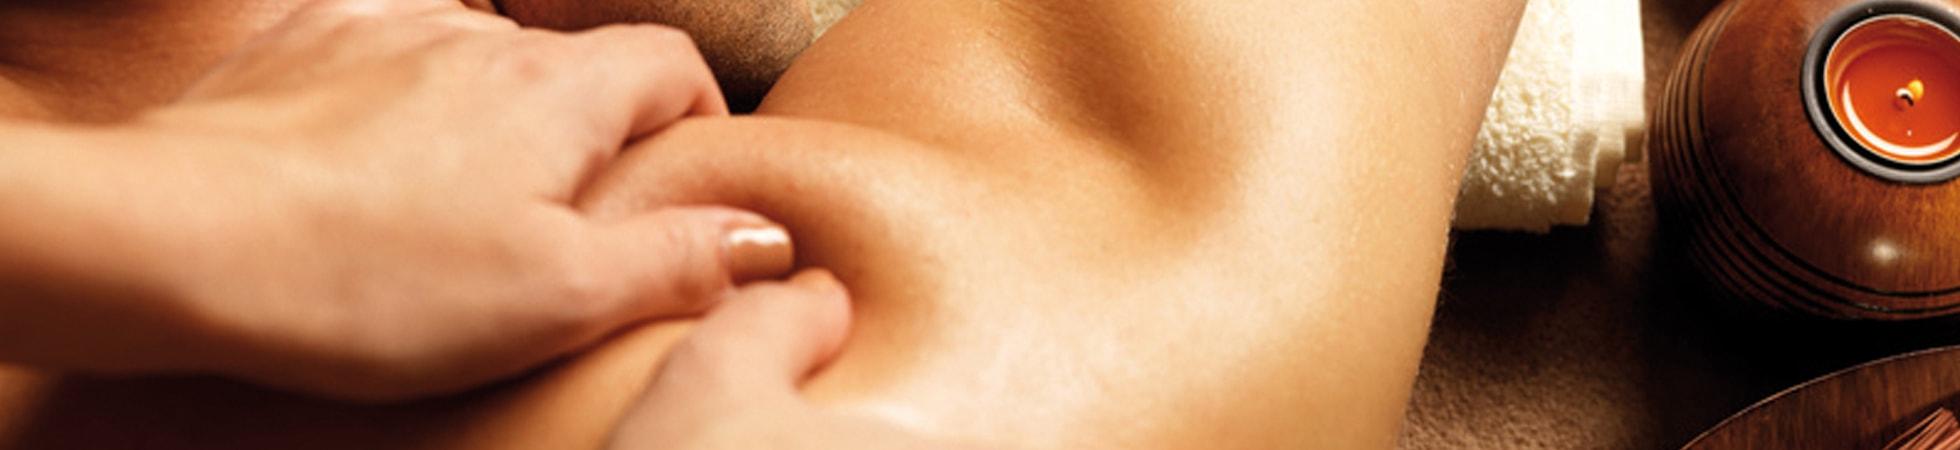 kosmetische-behandlung-bad-saulgau-liebe-zur-haut